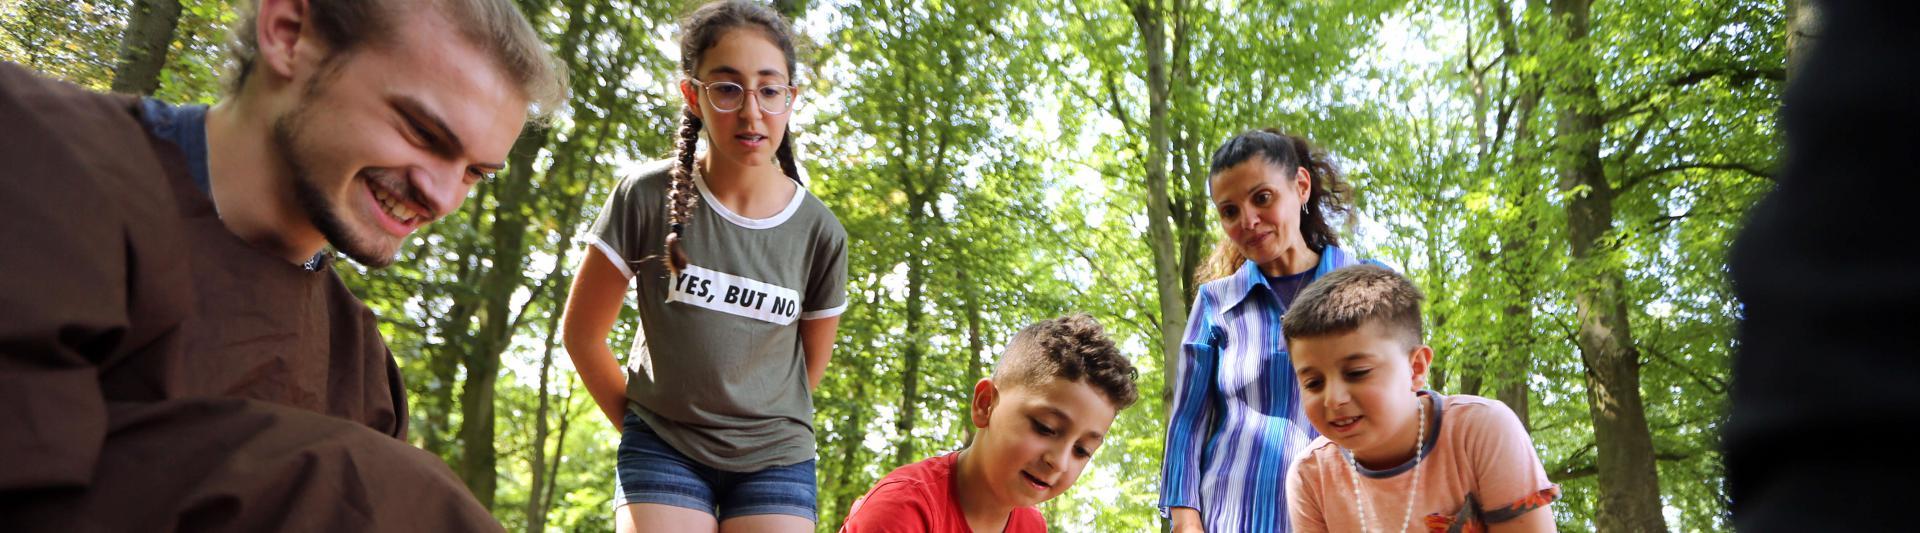 Kinder- en tieneractiviteiten